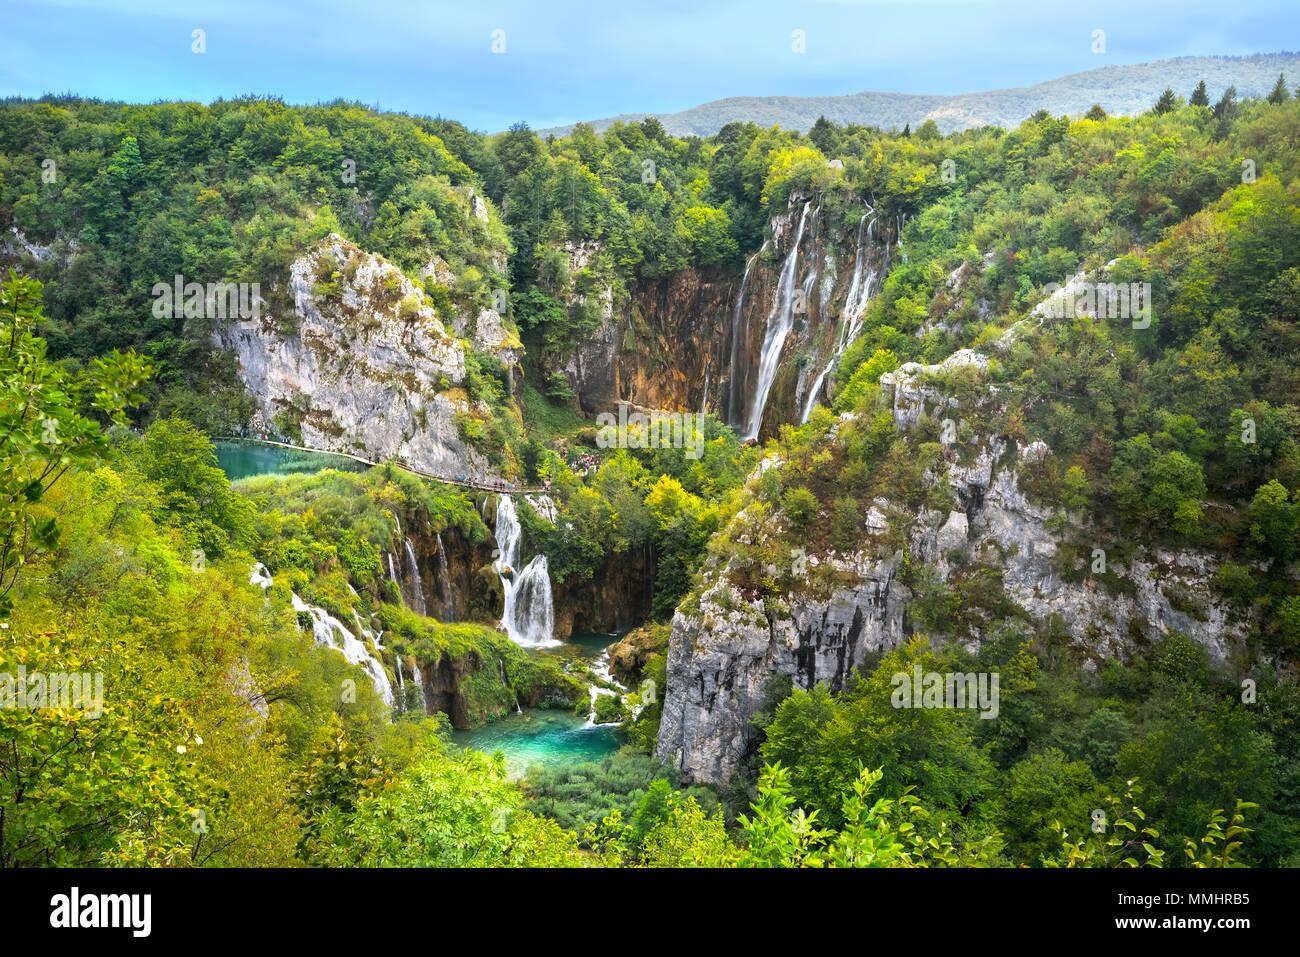 Paesaggio con belle cascate nel parco nazionale di Plitvice. Croazia Immagini Stock